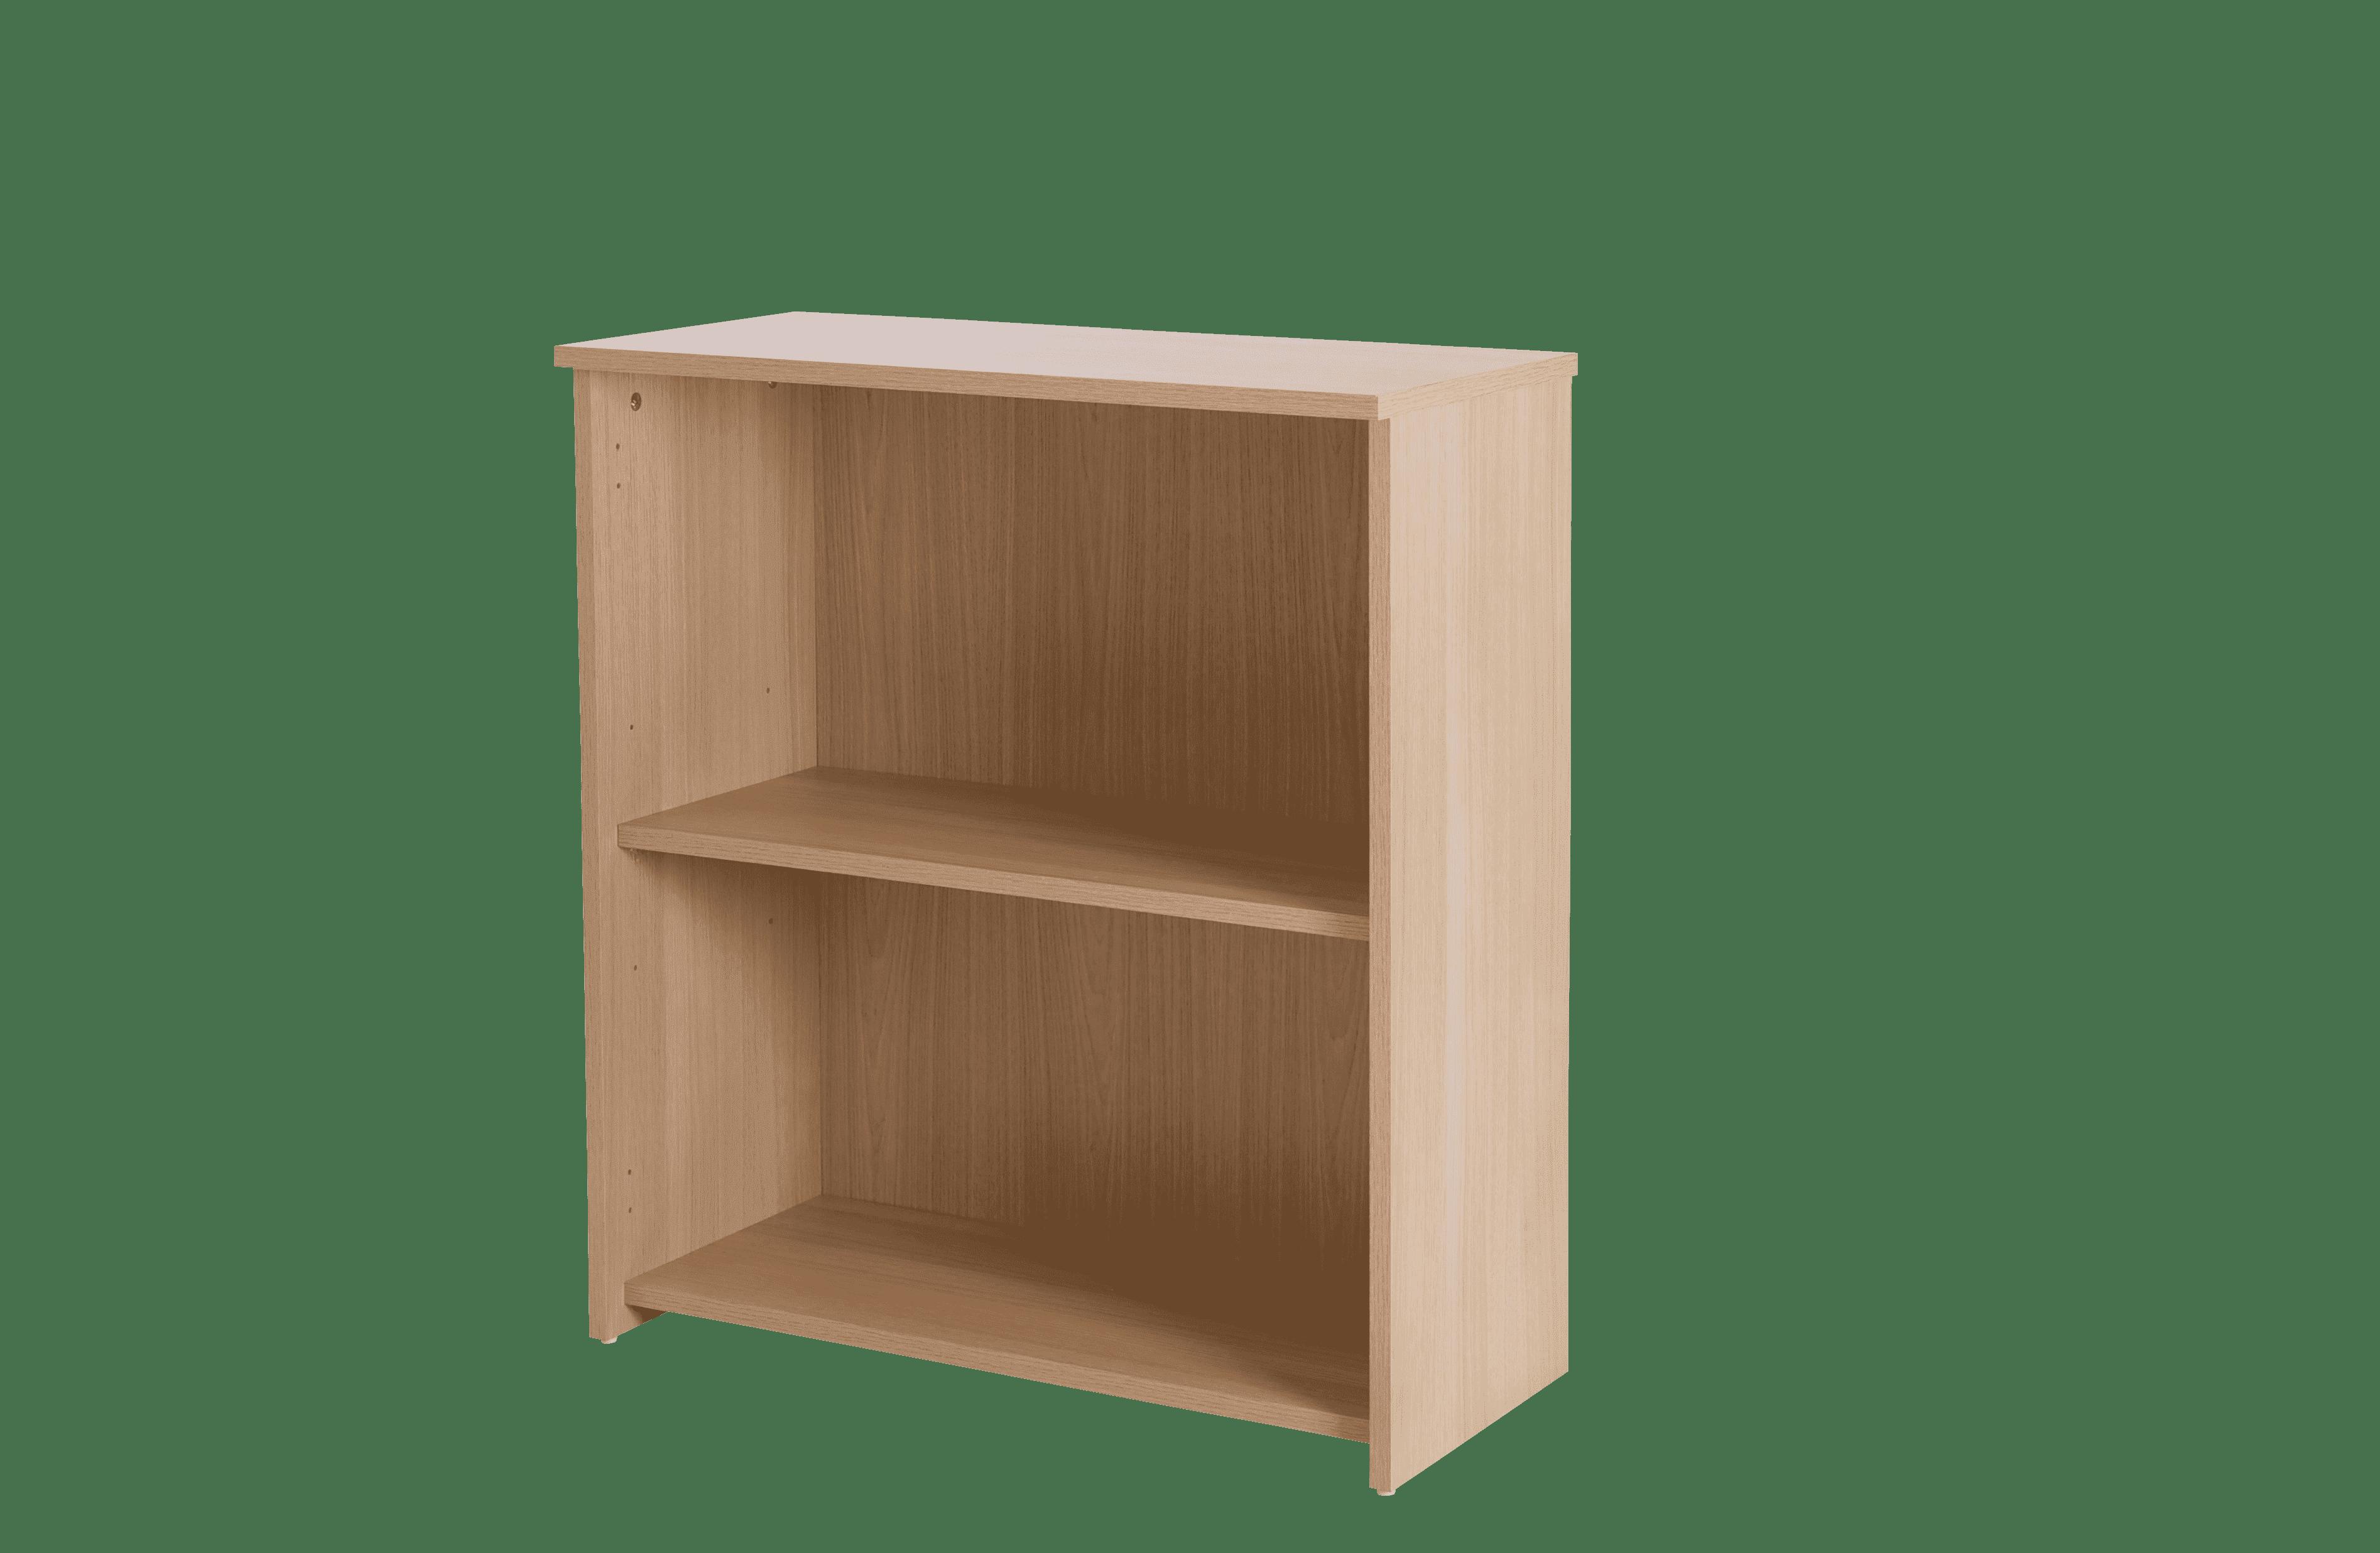 Basix 800mm Height Basic bookcase